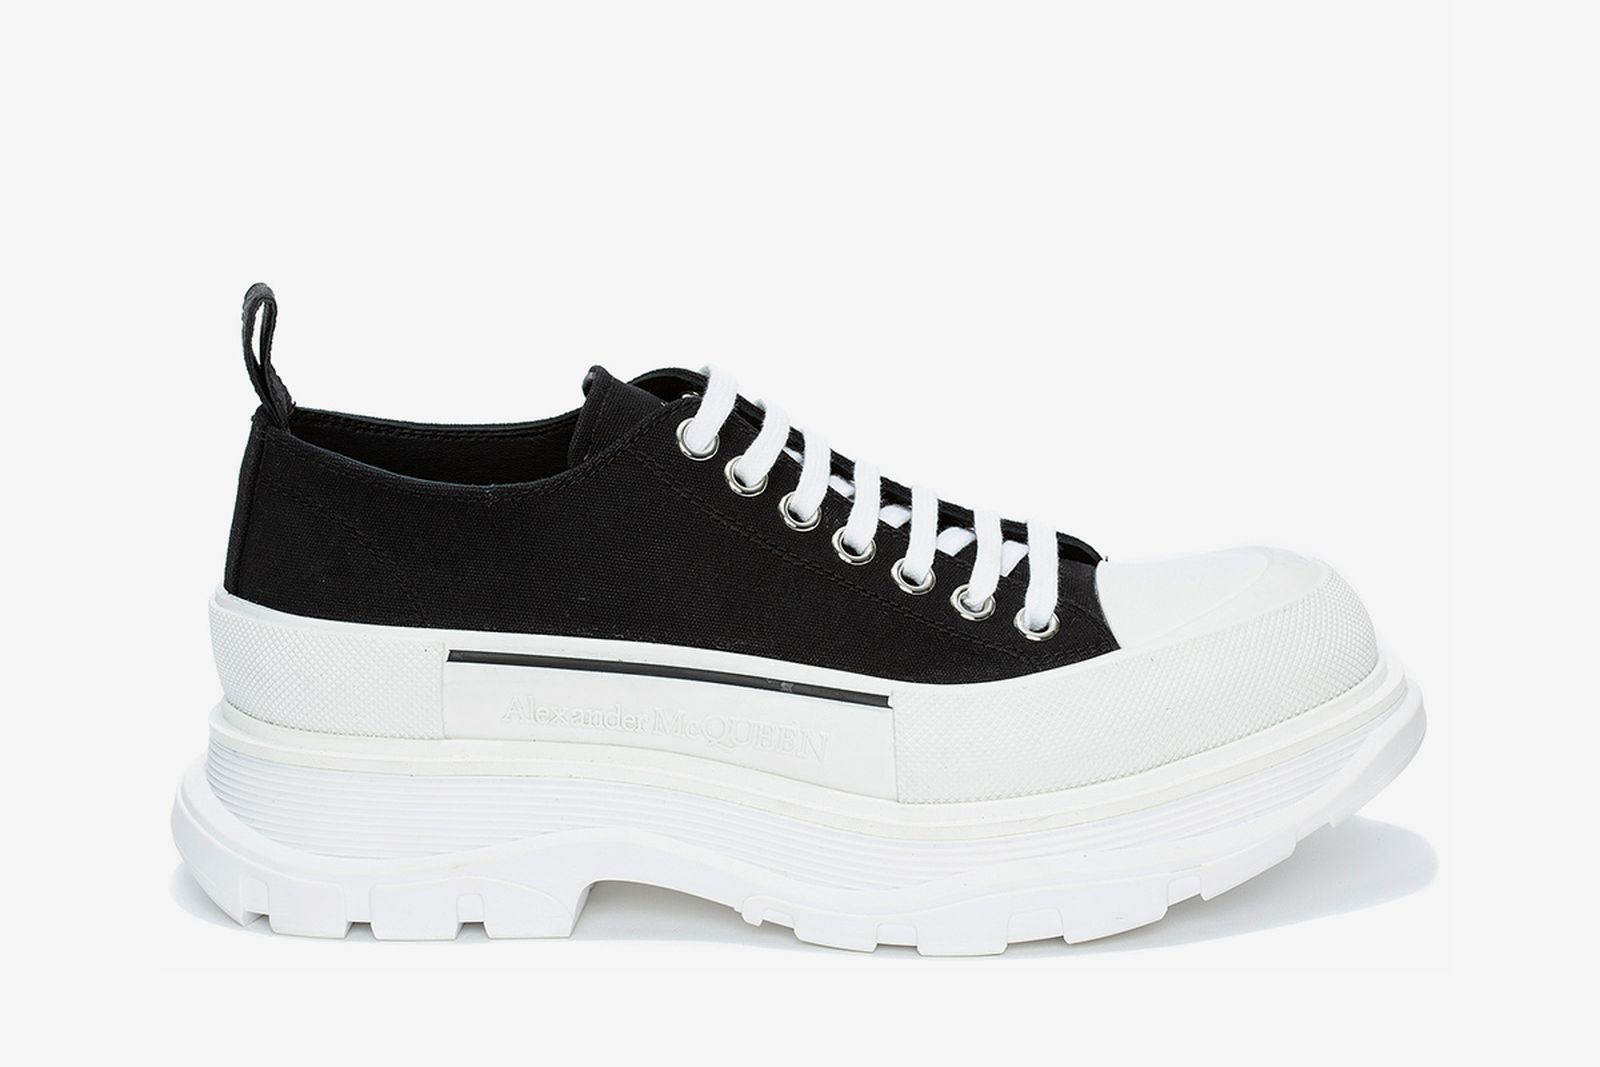 alexander-mcqueen-tread-slick-release-date-price-product-04